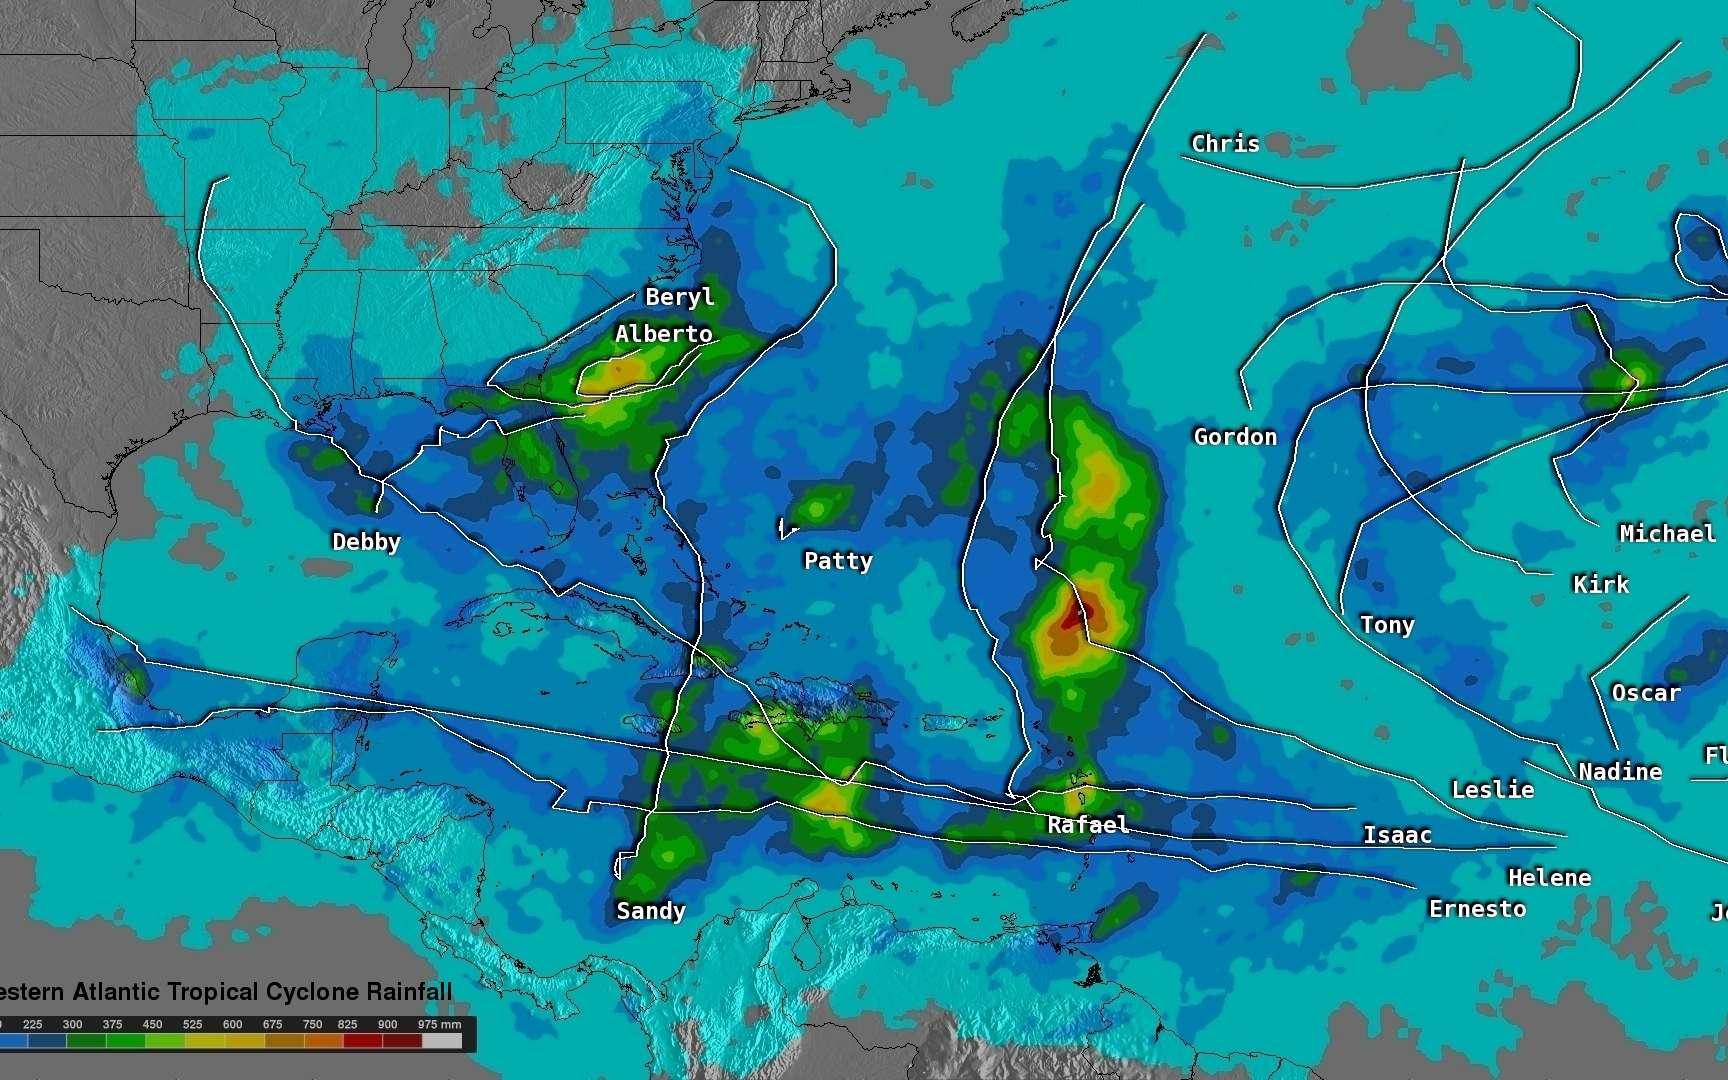 Les précipitations totales de chaque tempête tropicale de l'année 2012 sont calculées grâce au satellite TRMM de la Nasa. Les plus fortes précipitations totales mesurées sont de 975 mm pour l'ouragan Leslie (en rose). L'échelle de précipitations varie de 0 (en bleu clair) à 975 mm d'eau (en rouge). Les lignes blanches représentent les trajectoires des cyclones. © Hal Pierce, Nasa, SSAI